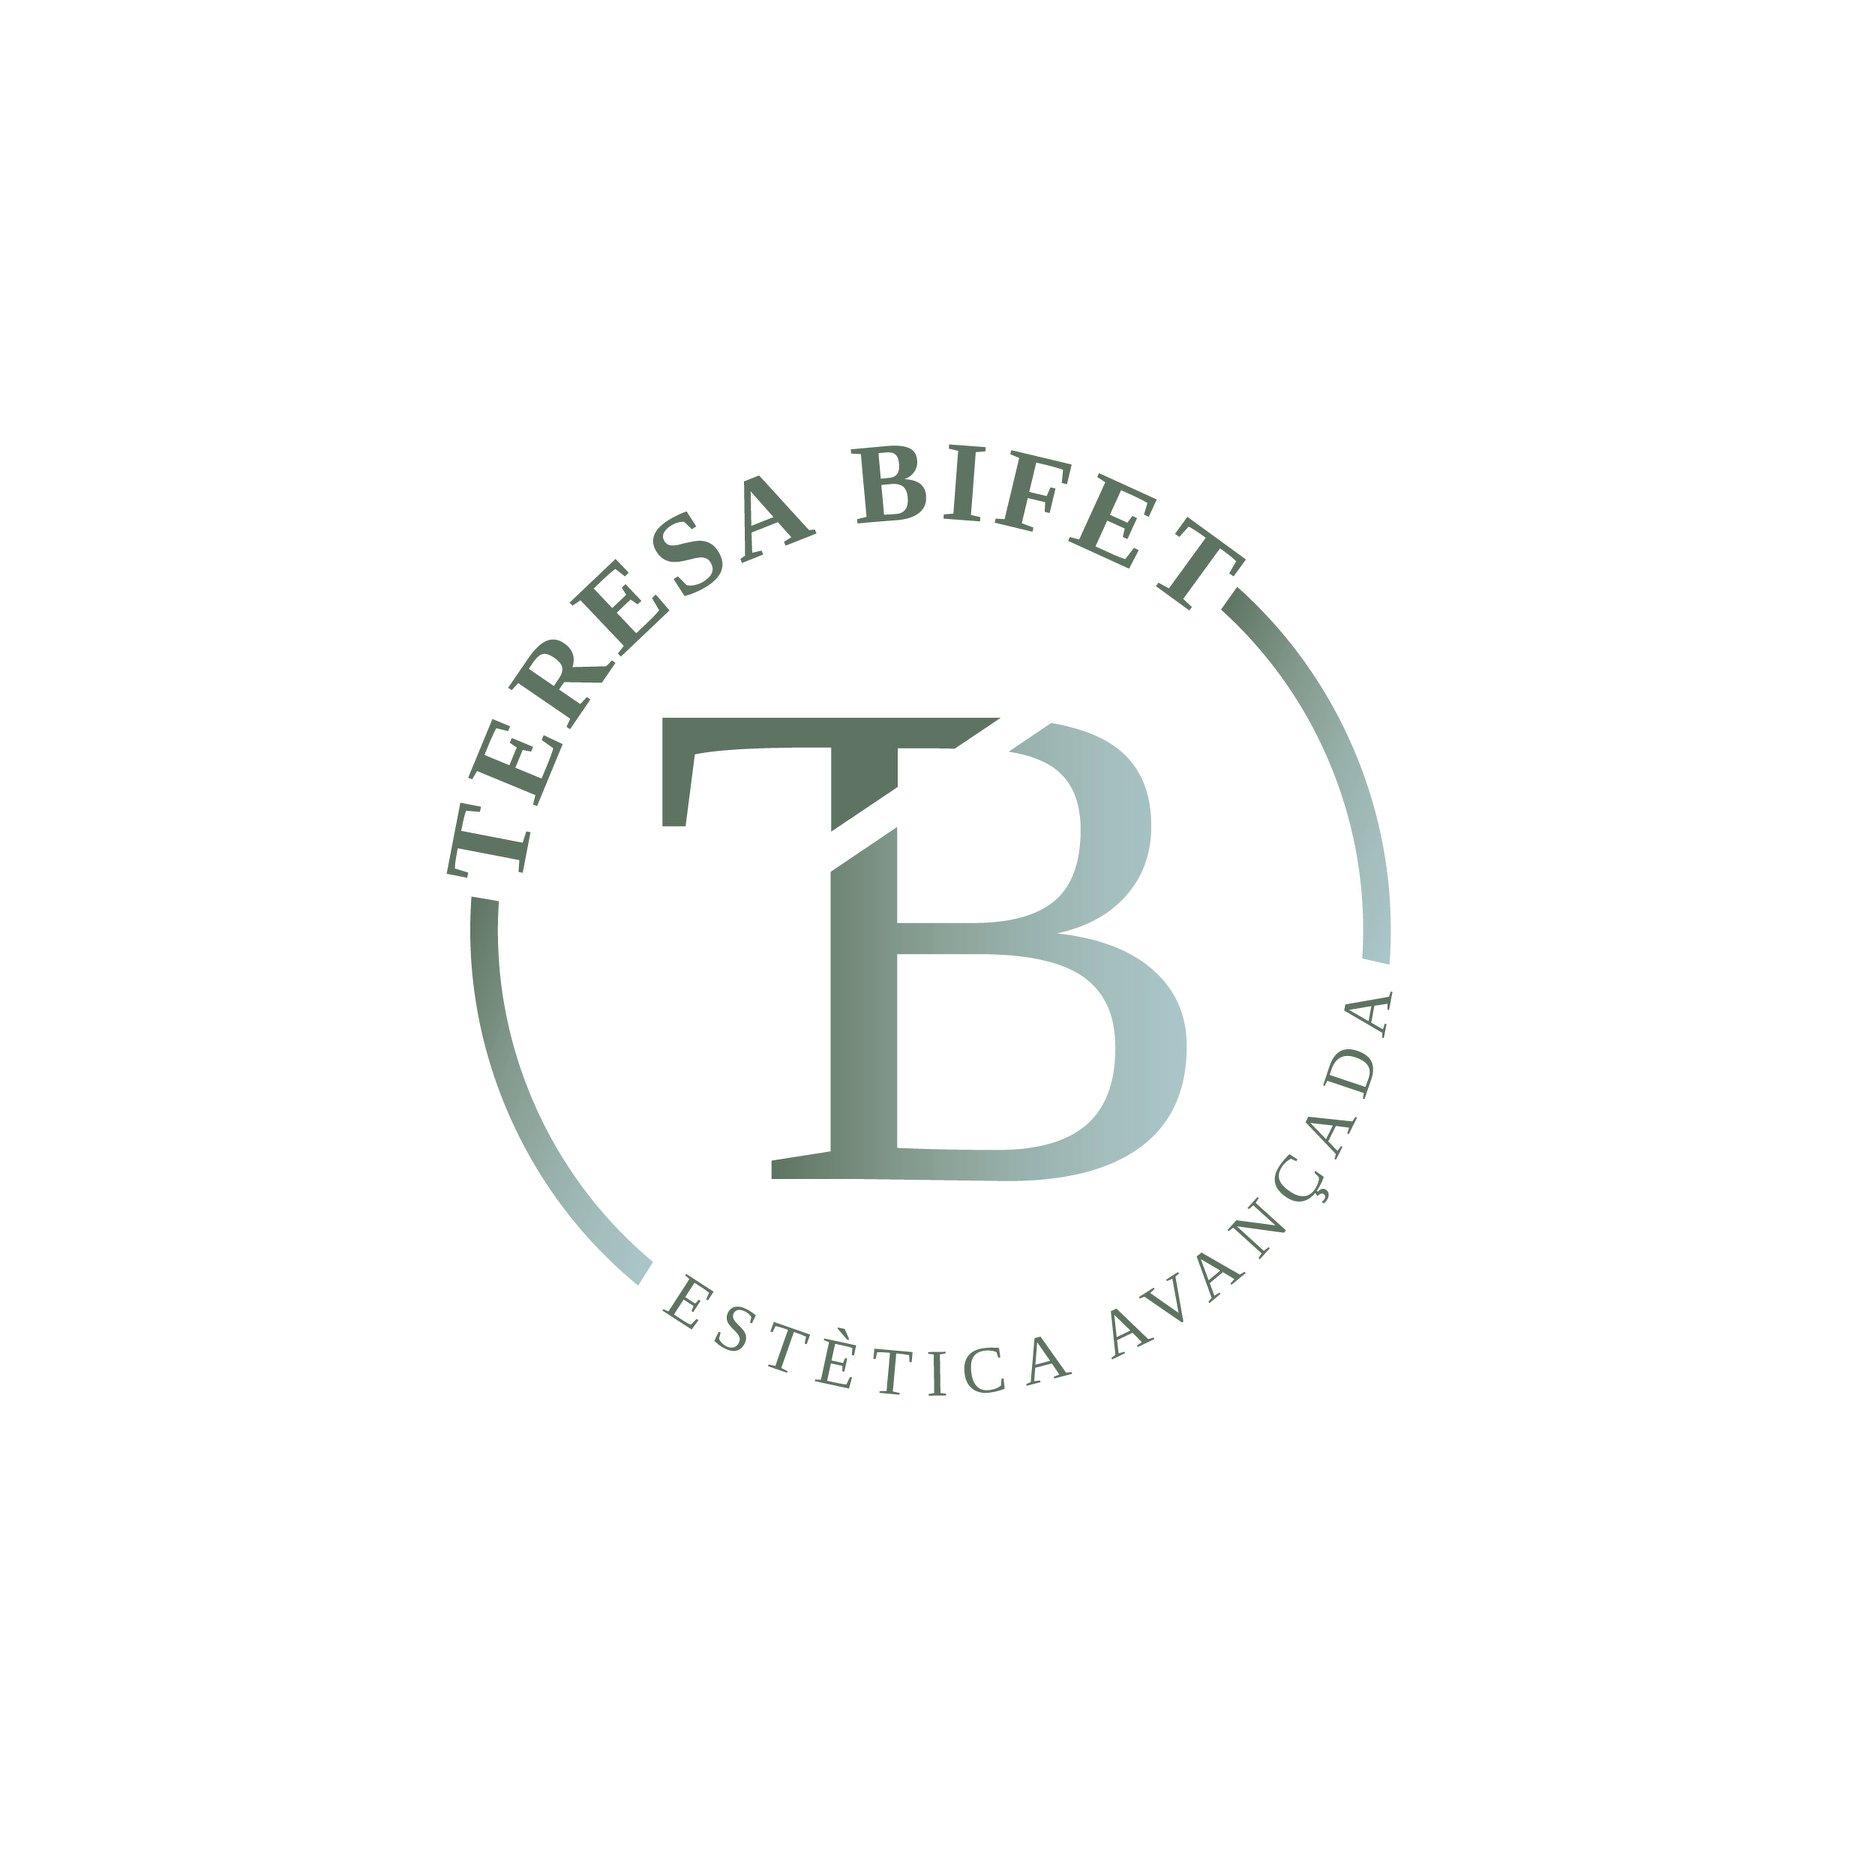 ESTÈTICA I BELLESA TERESA BIFET